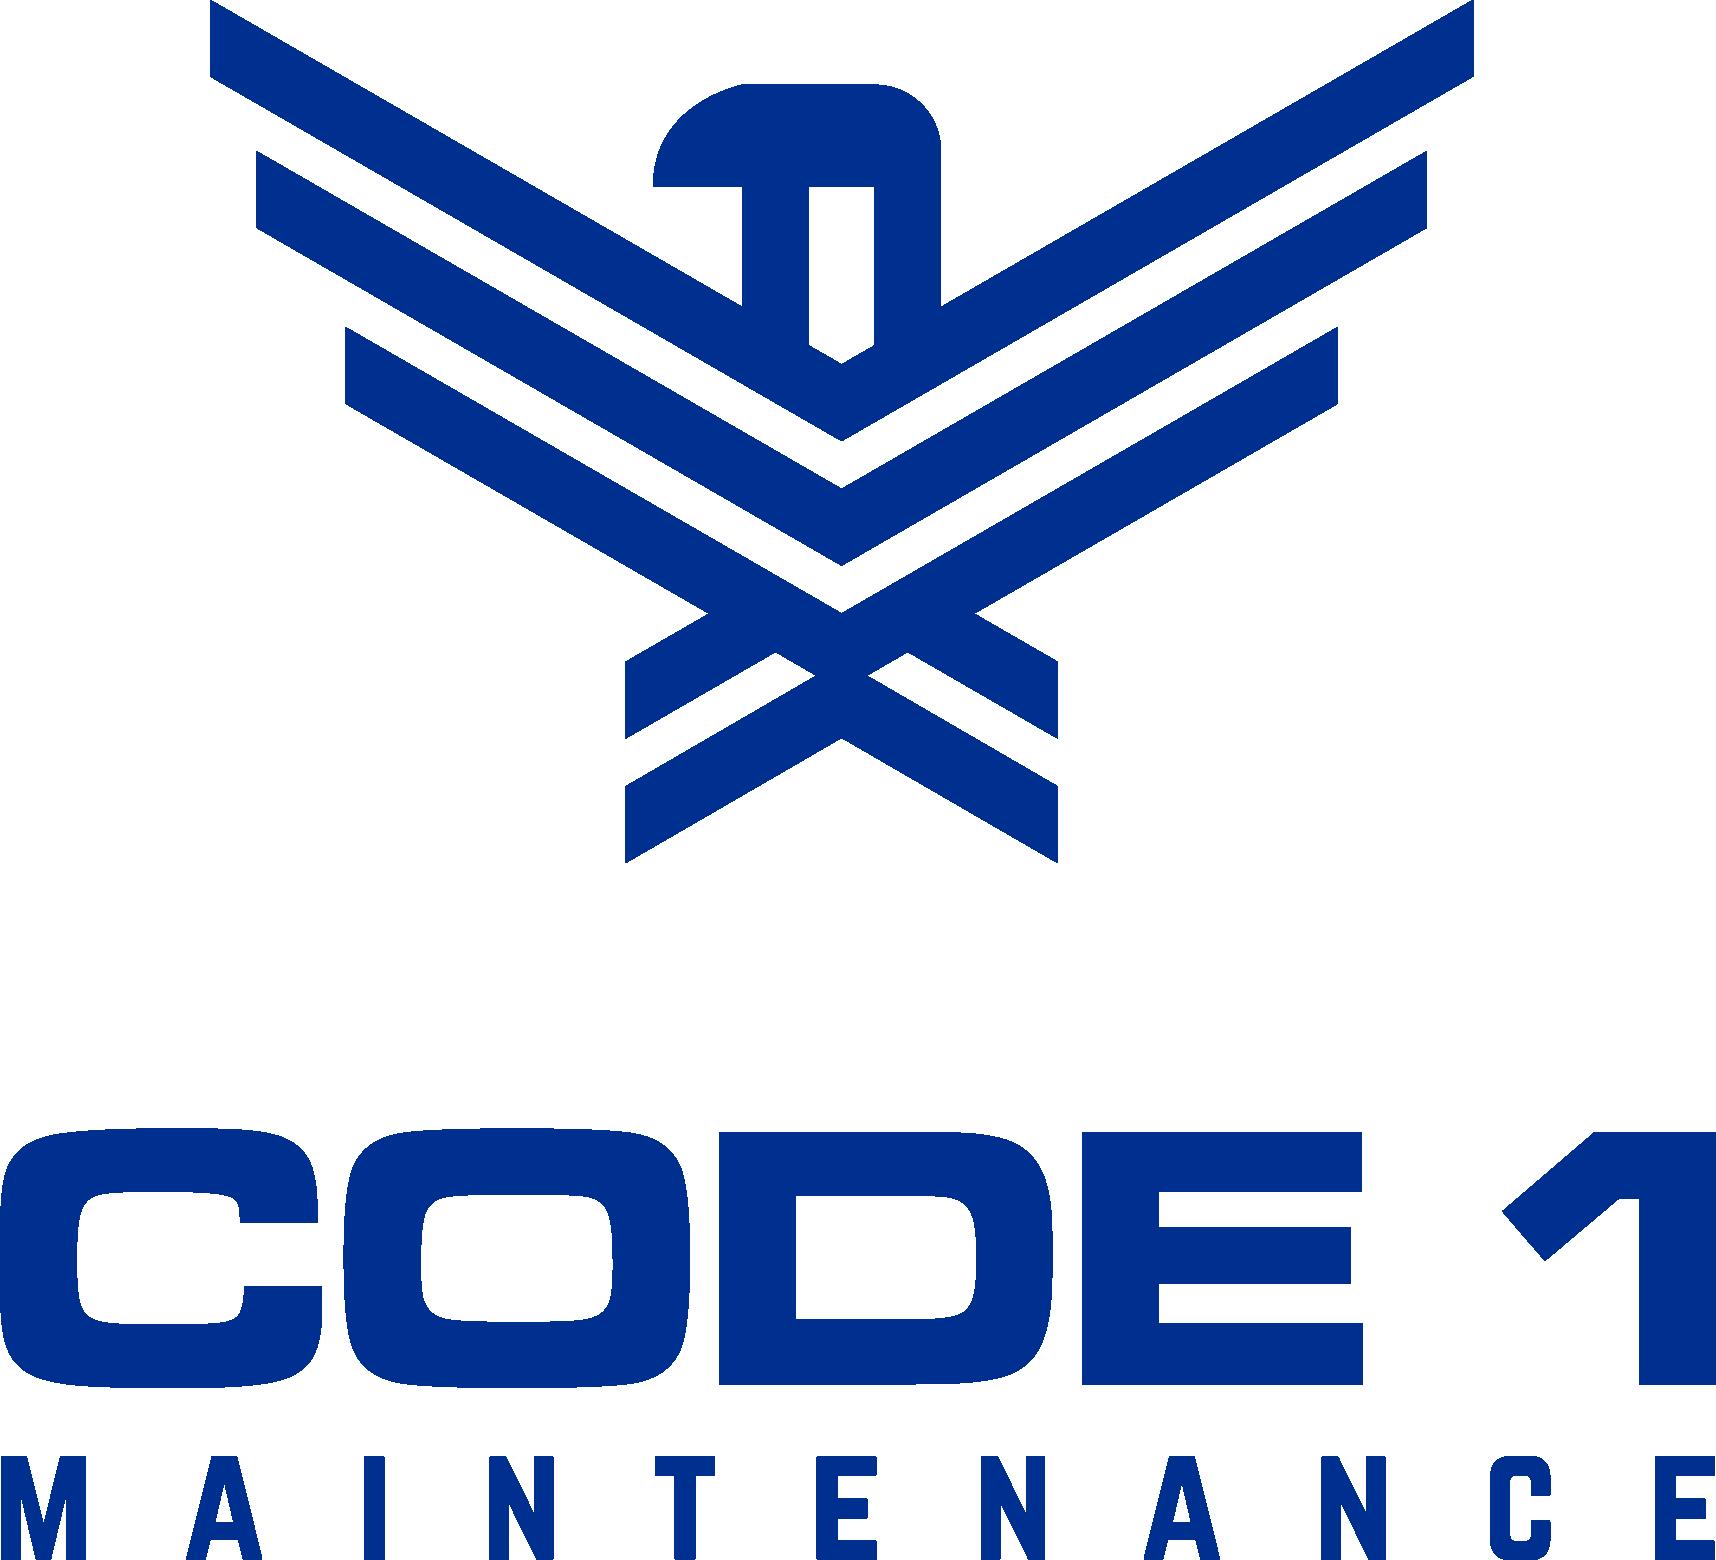 logo for an aviation maintenance training company